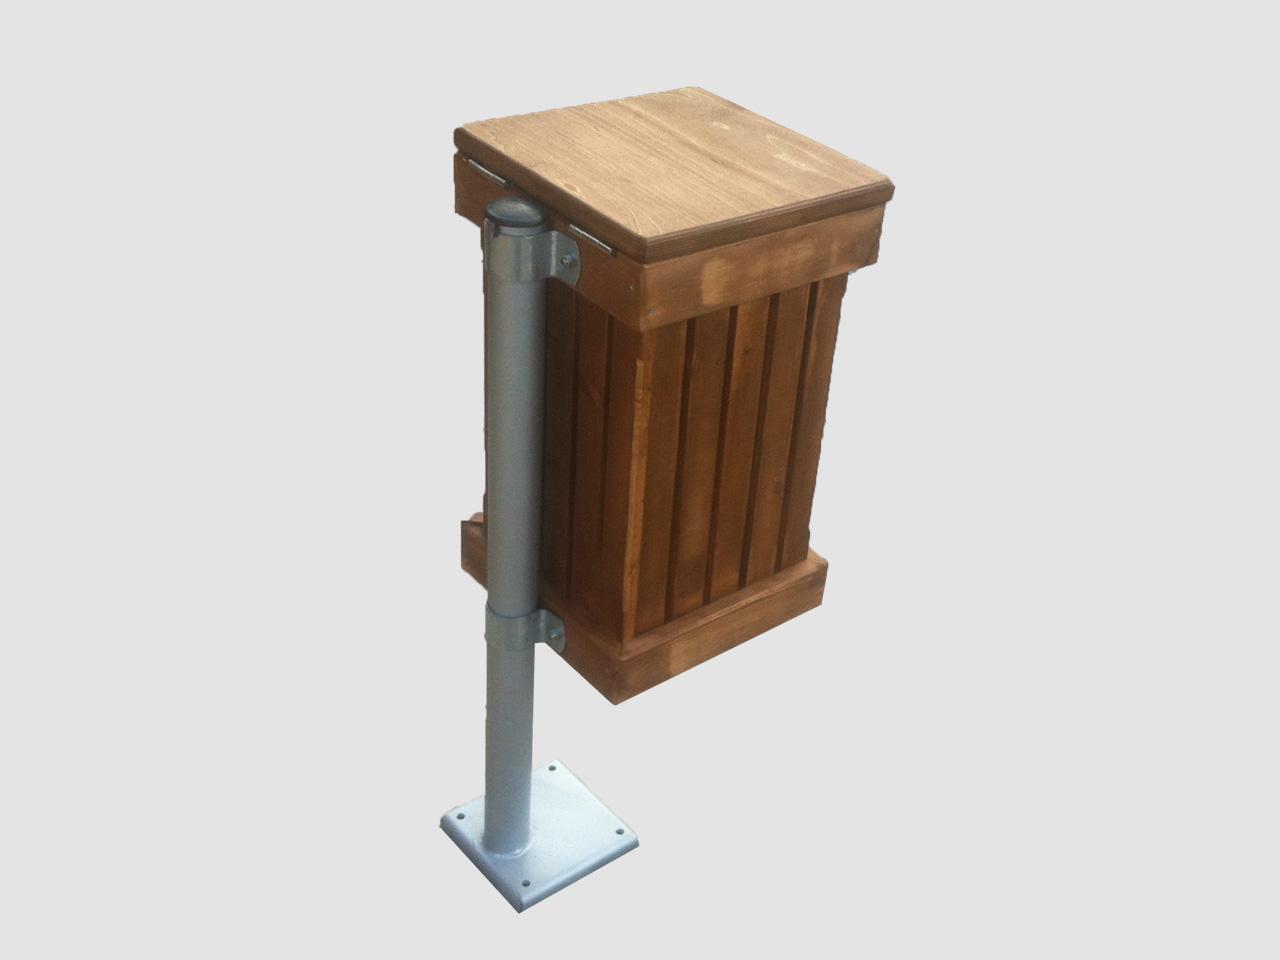 ξυλινος καδος με καπακι